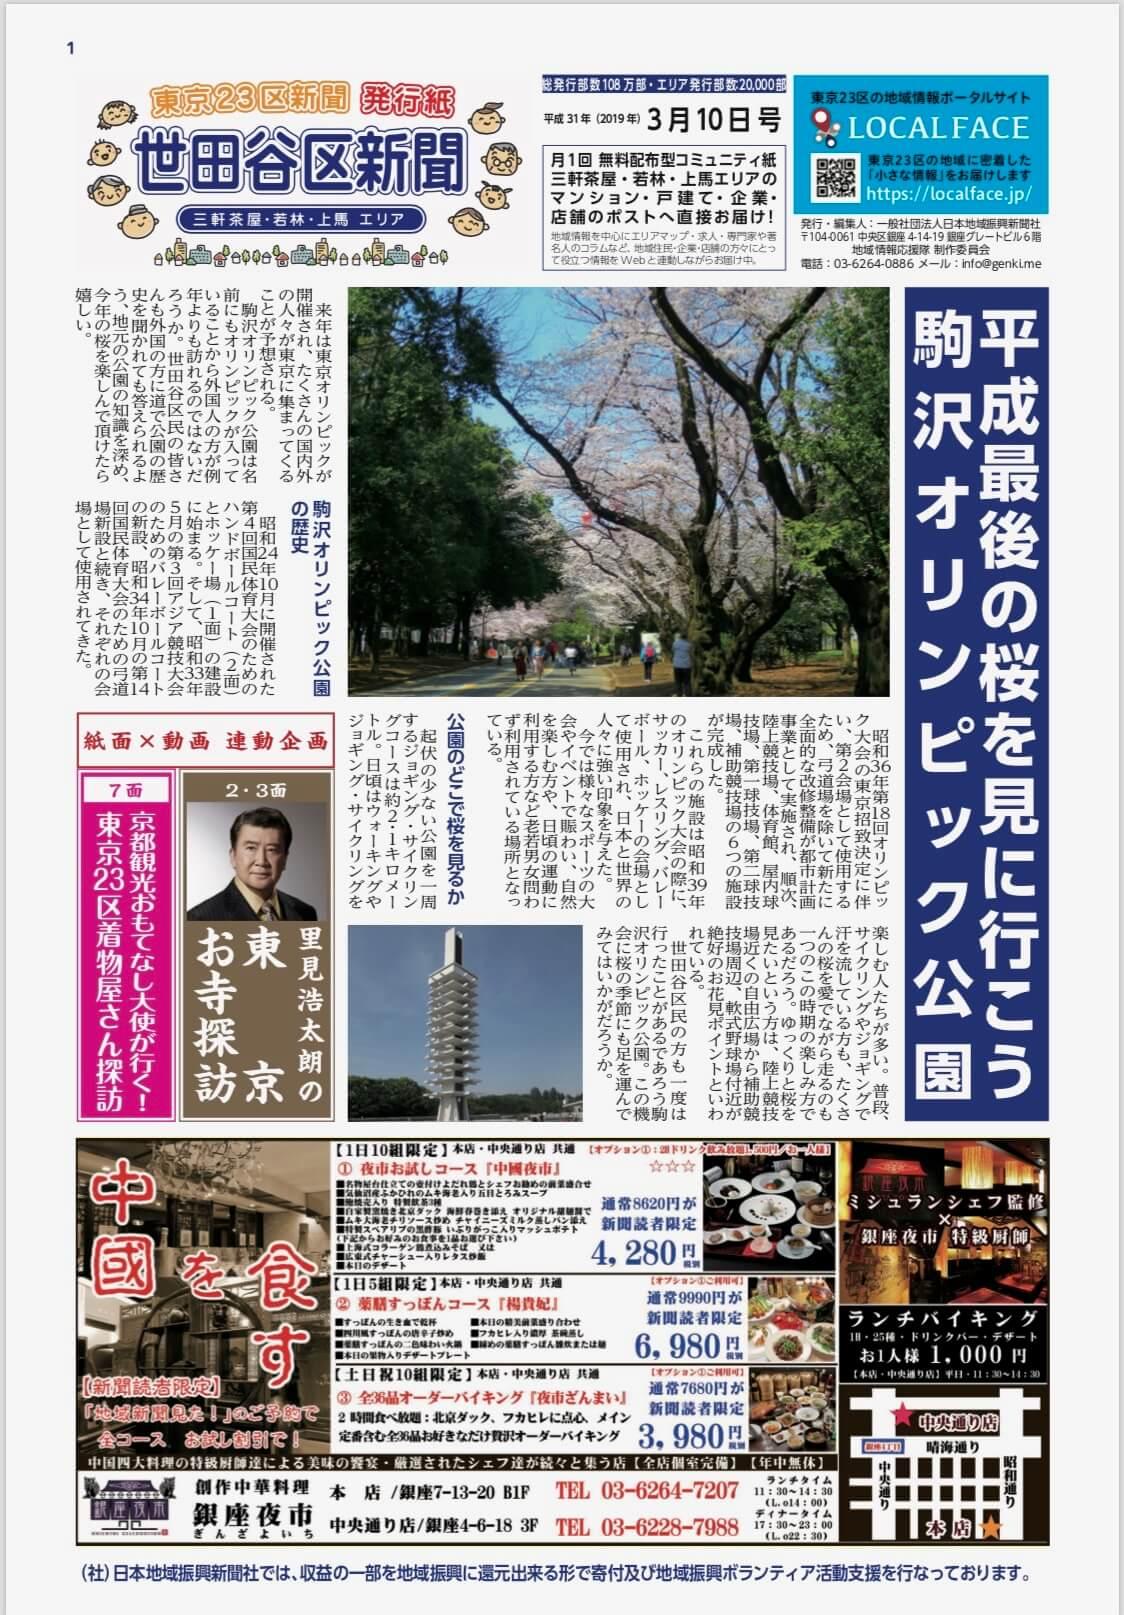 世田谷区新聞